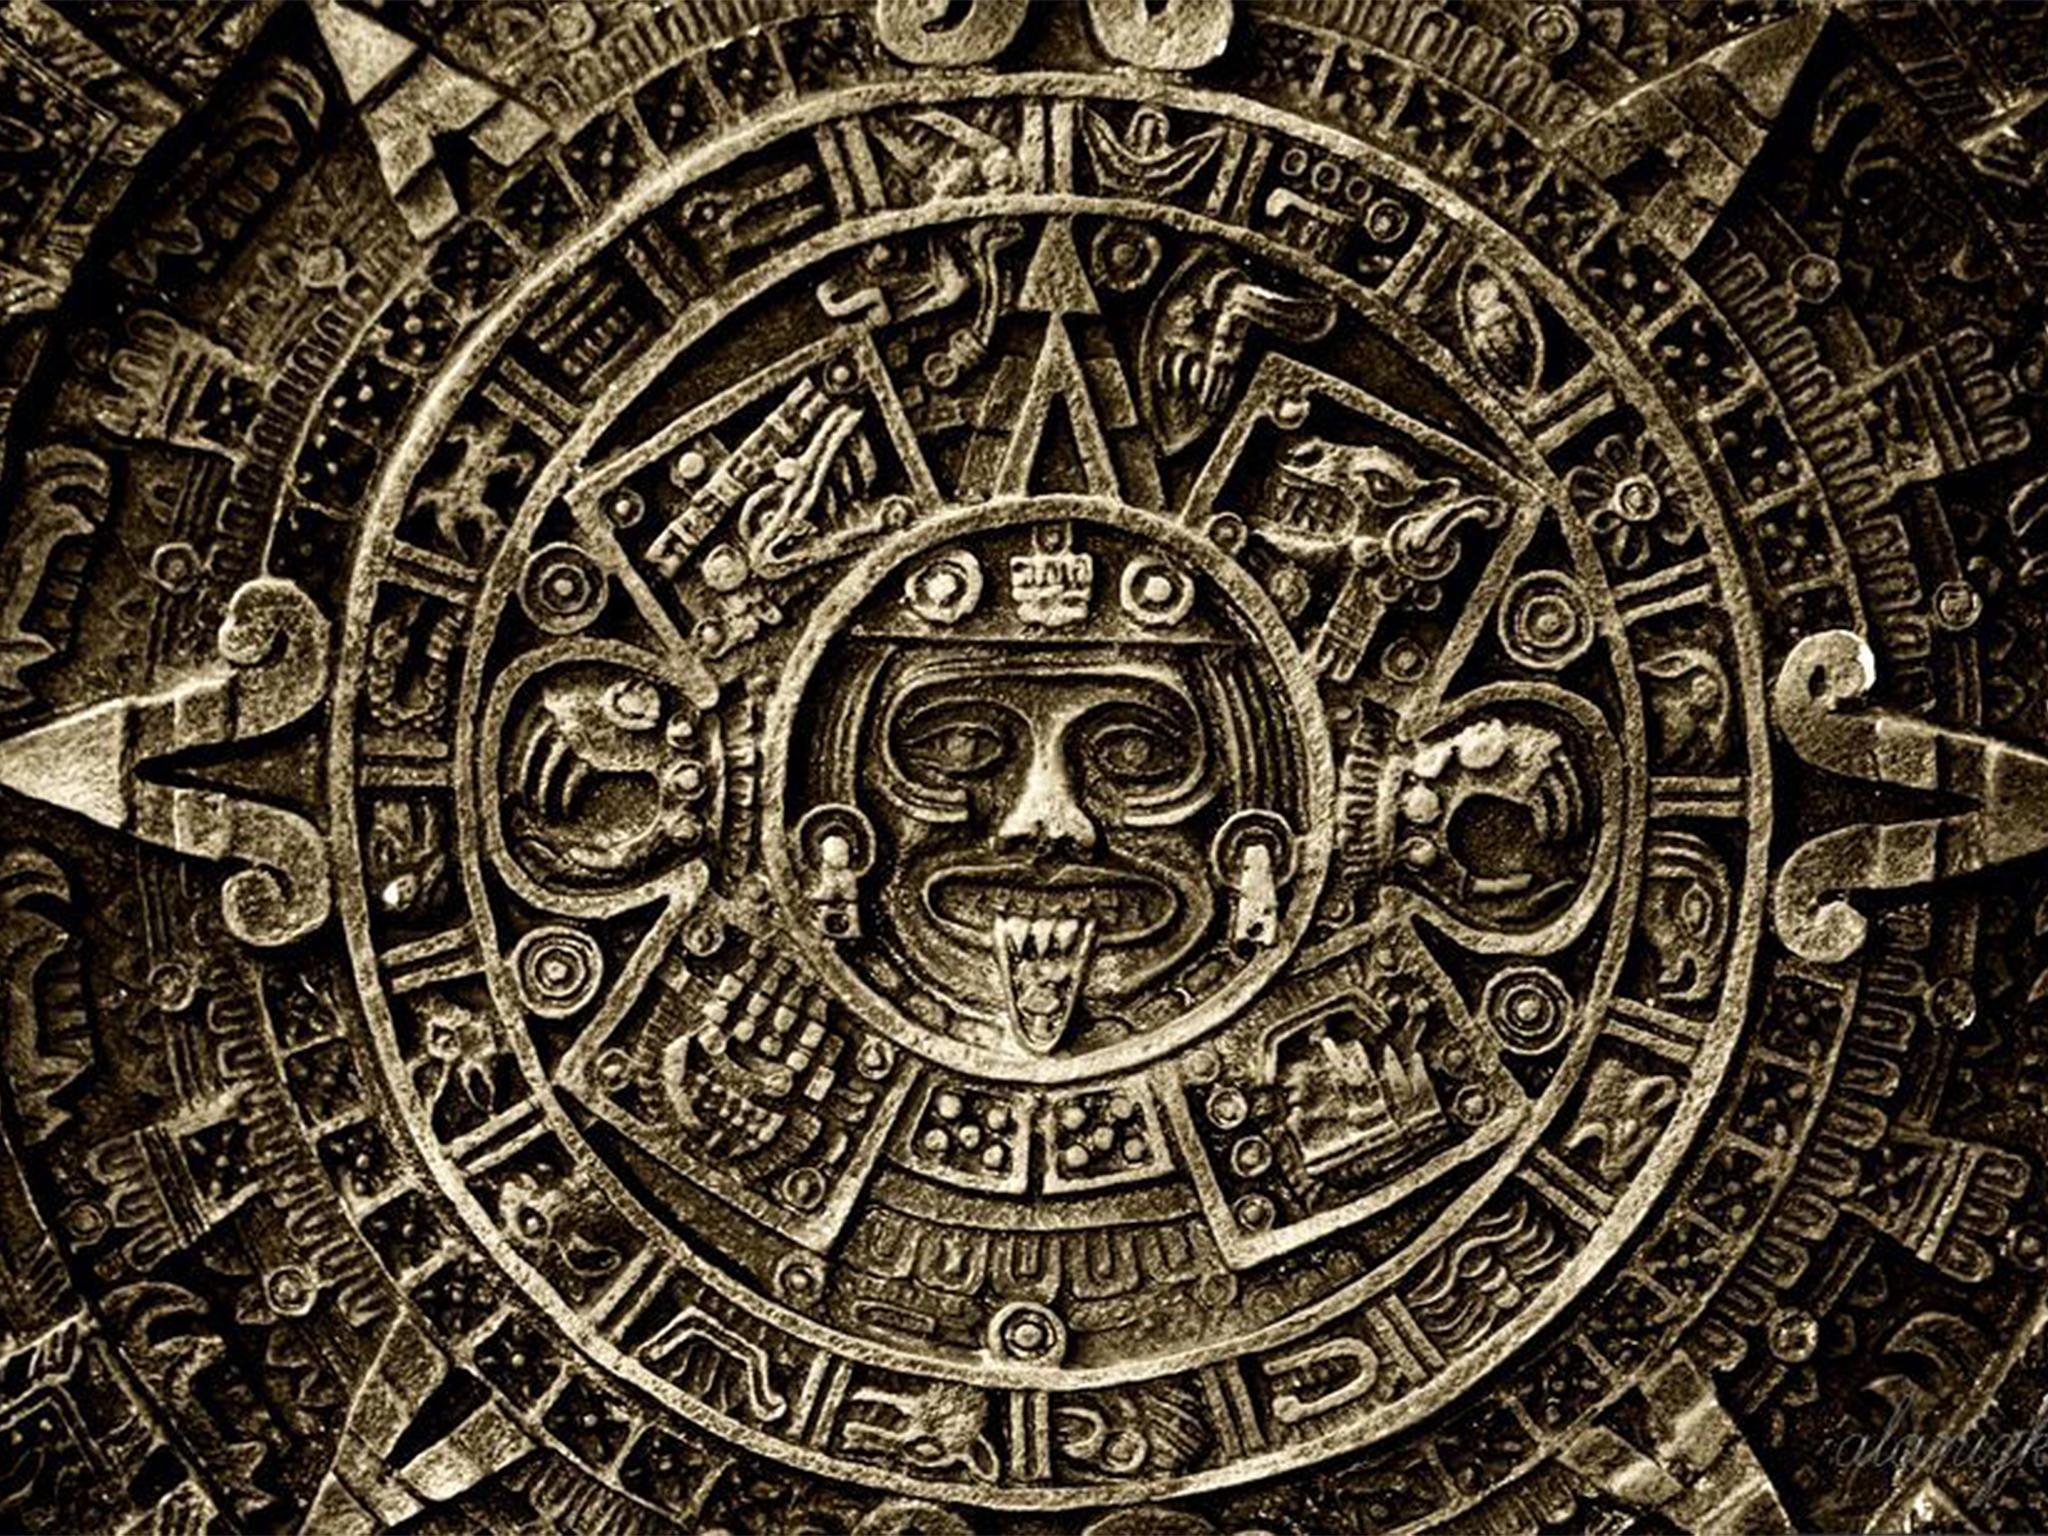 Generic Mayan stone carving